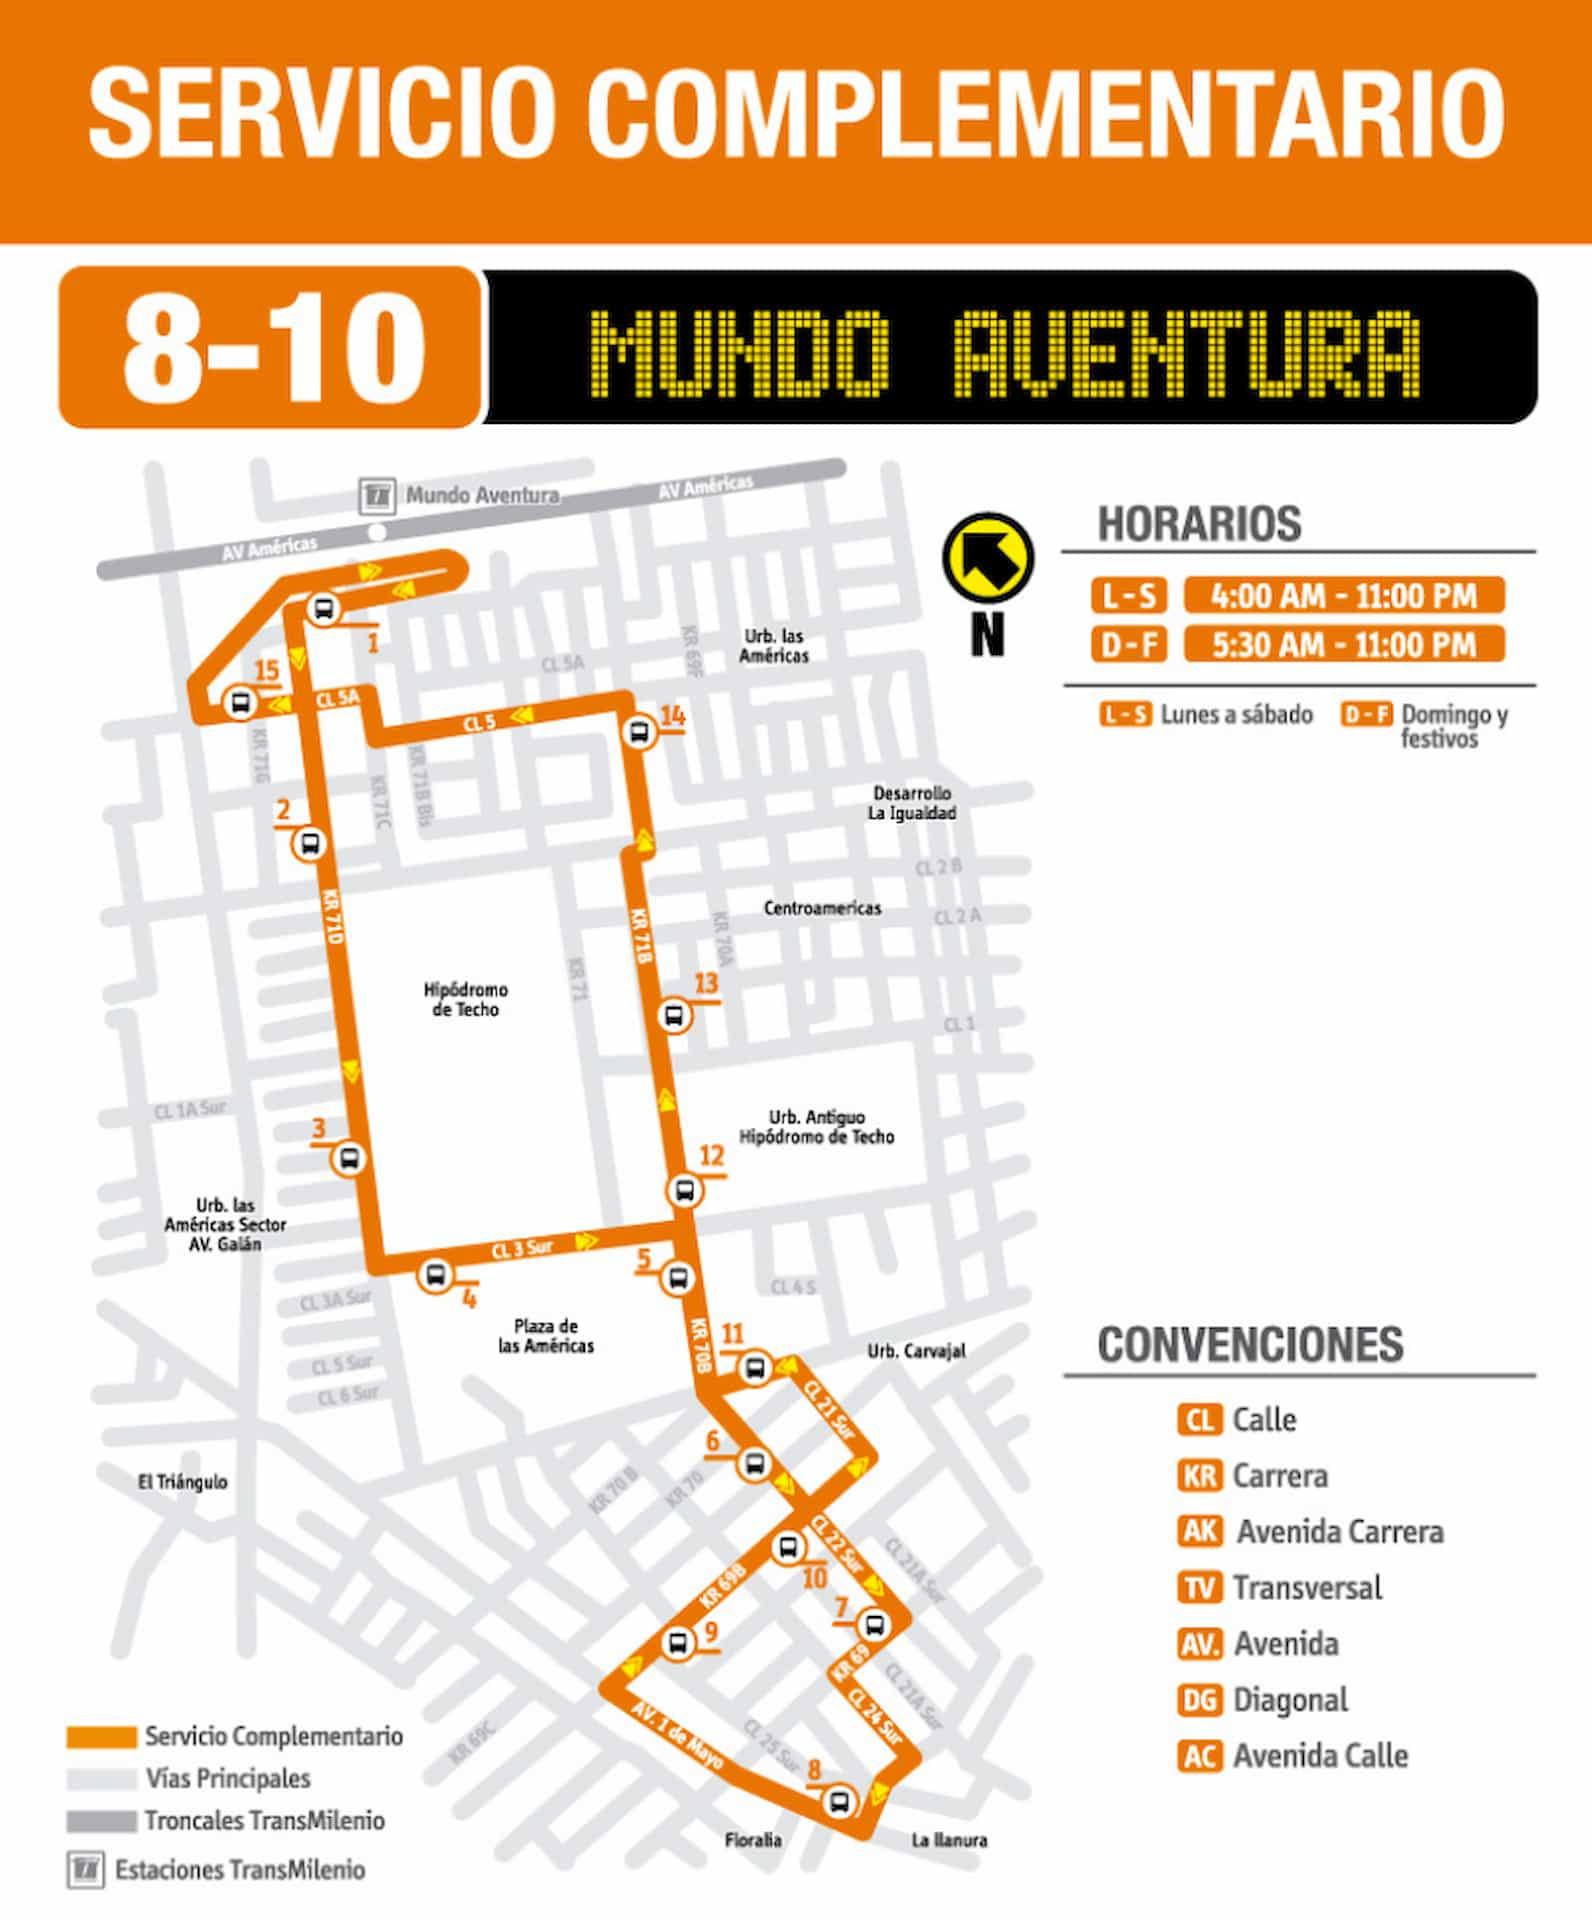 Ruta SITP: 8-10 Mundo Aventura, complementaria del SITP